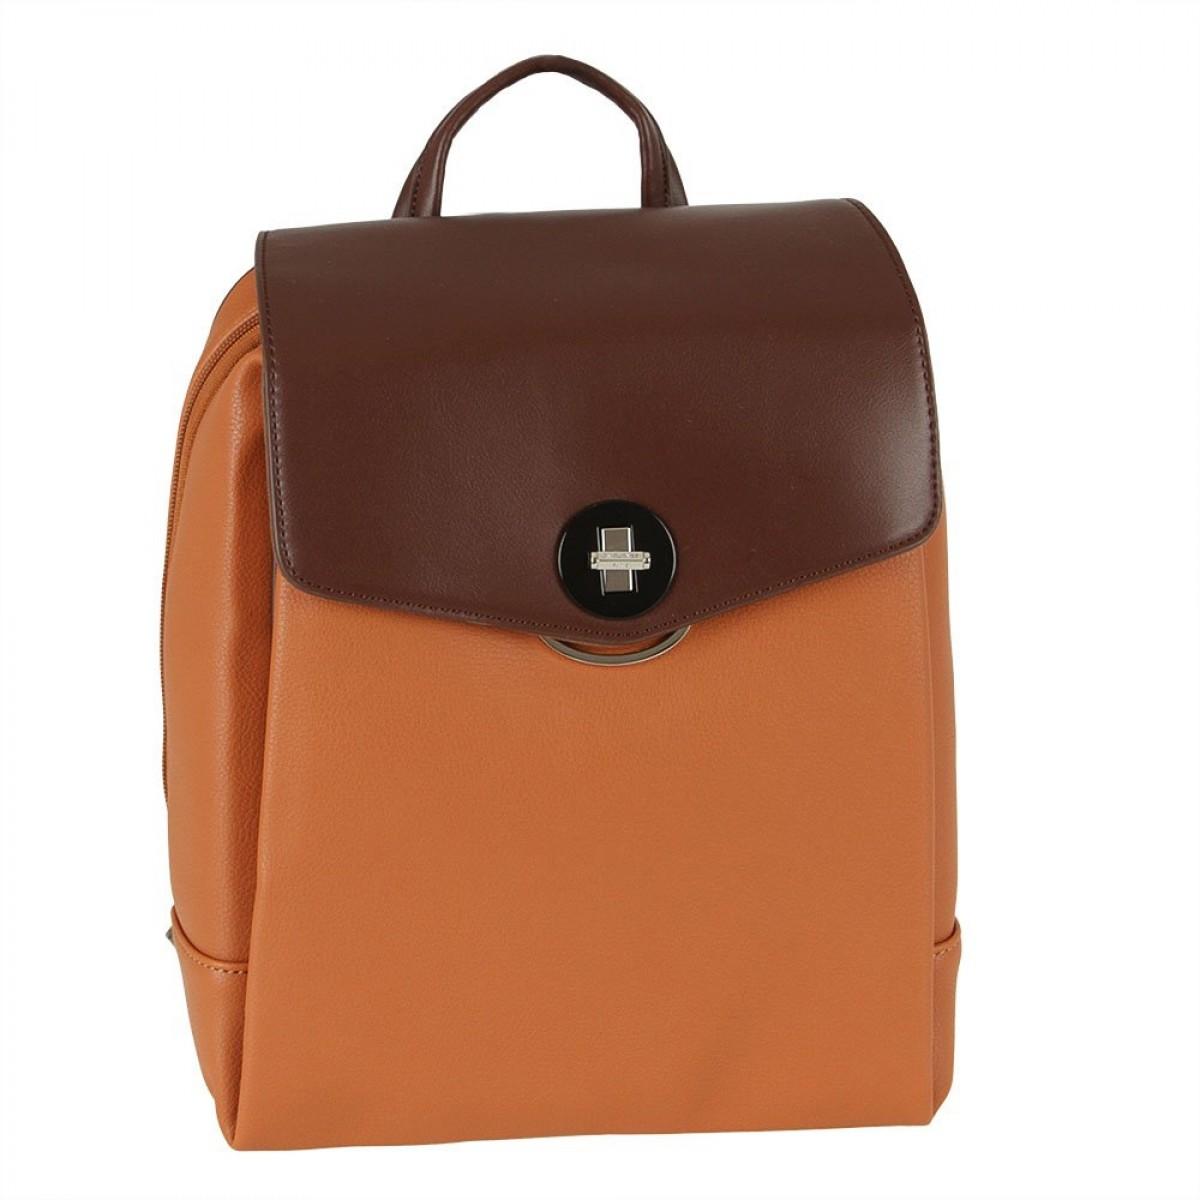 Жіночий рюкзак David Jones 6414-3 COGNAC